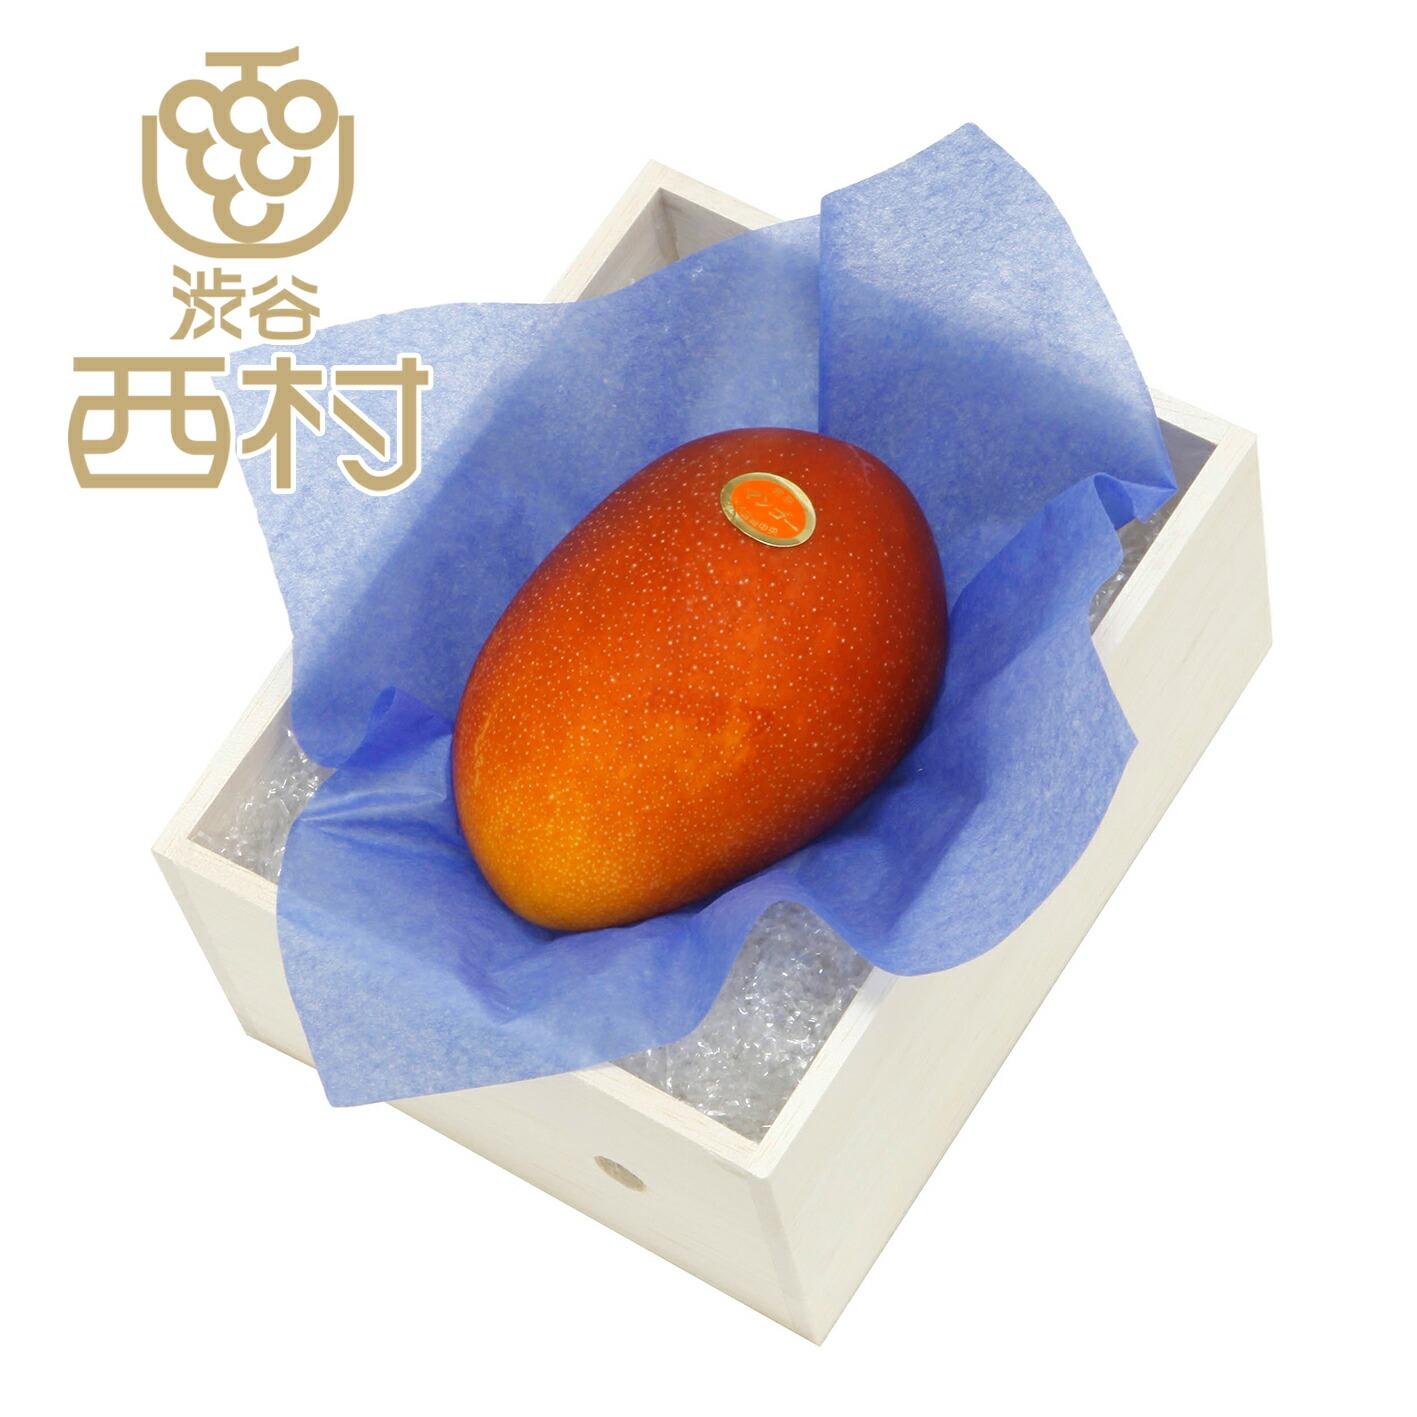 完熟宮崎マンゴー1個(木箱)